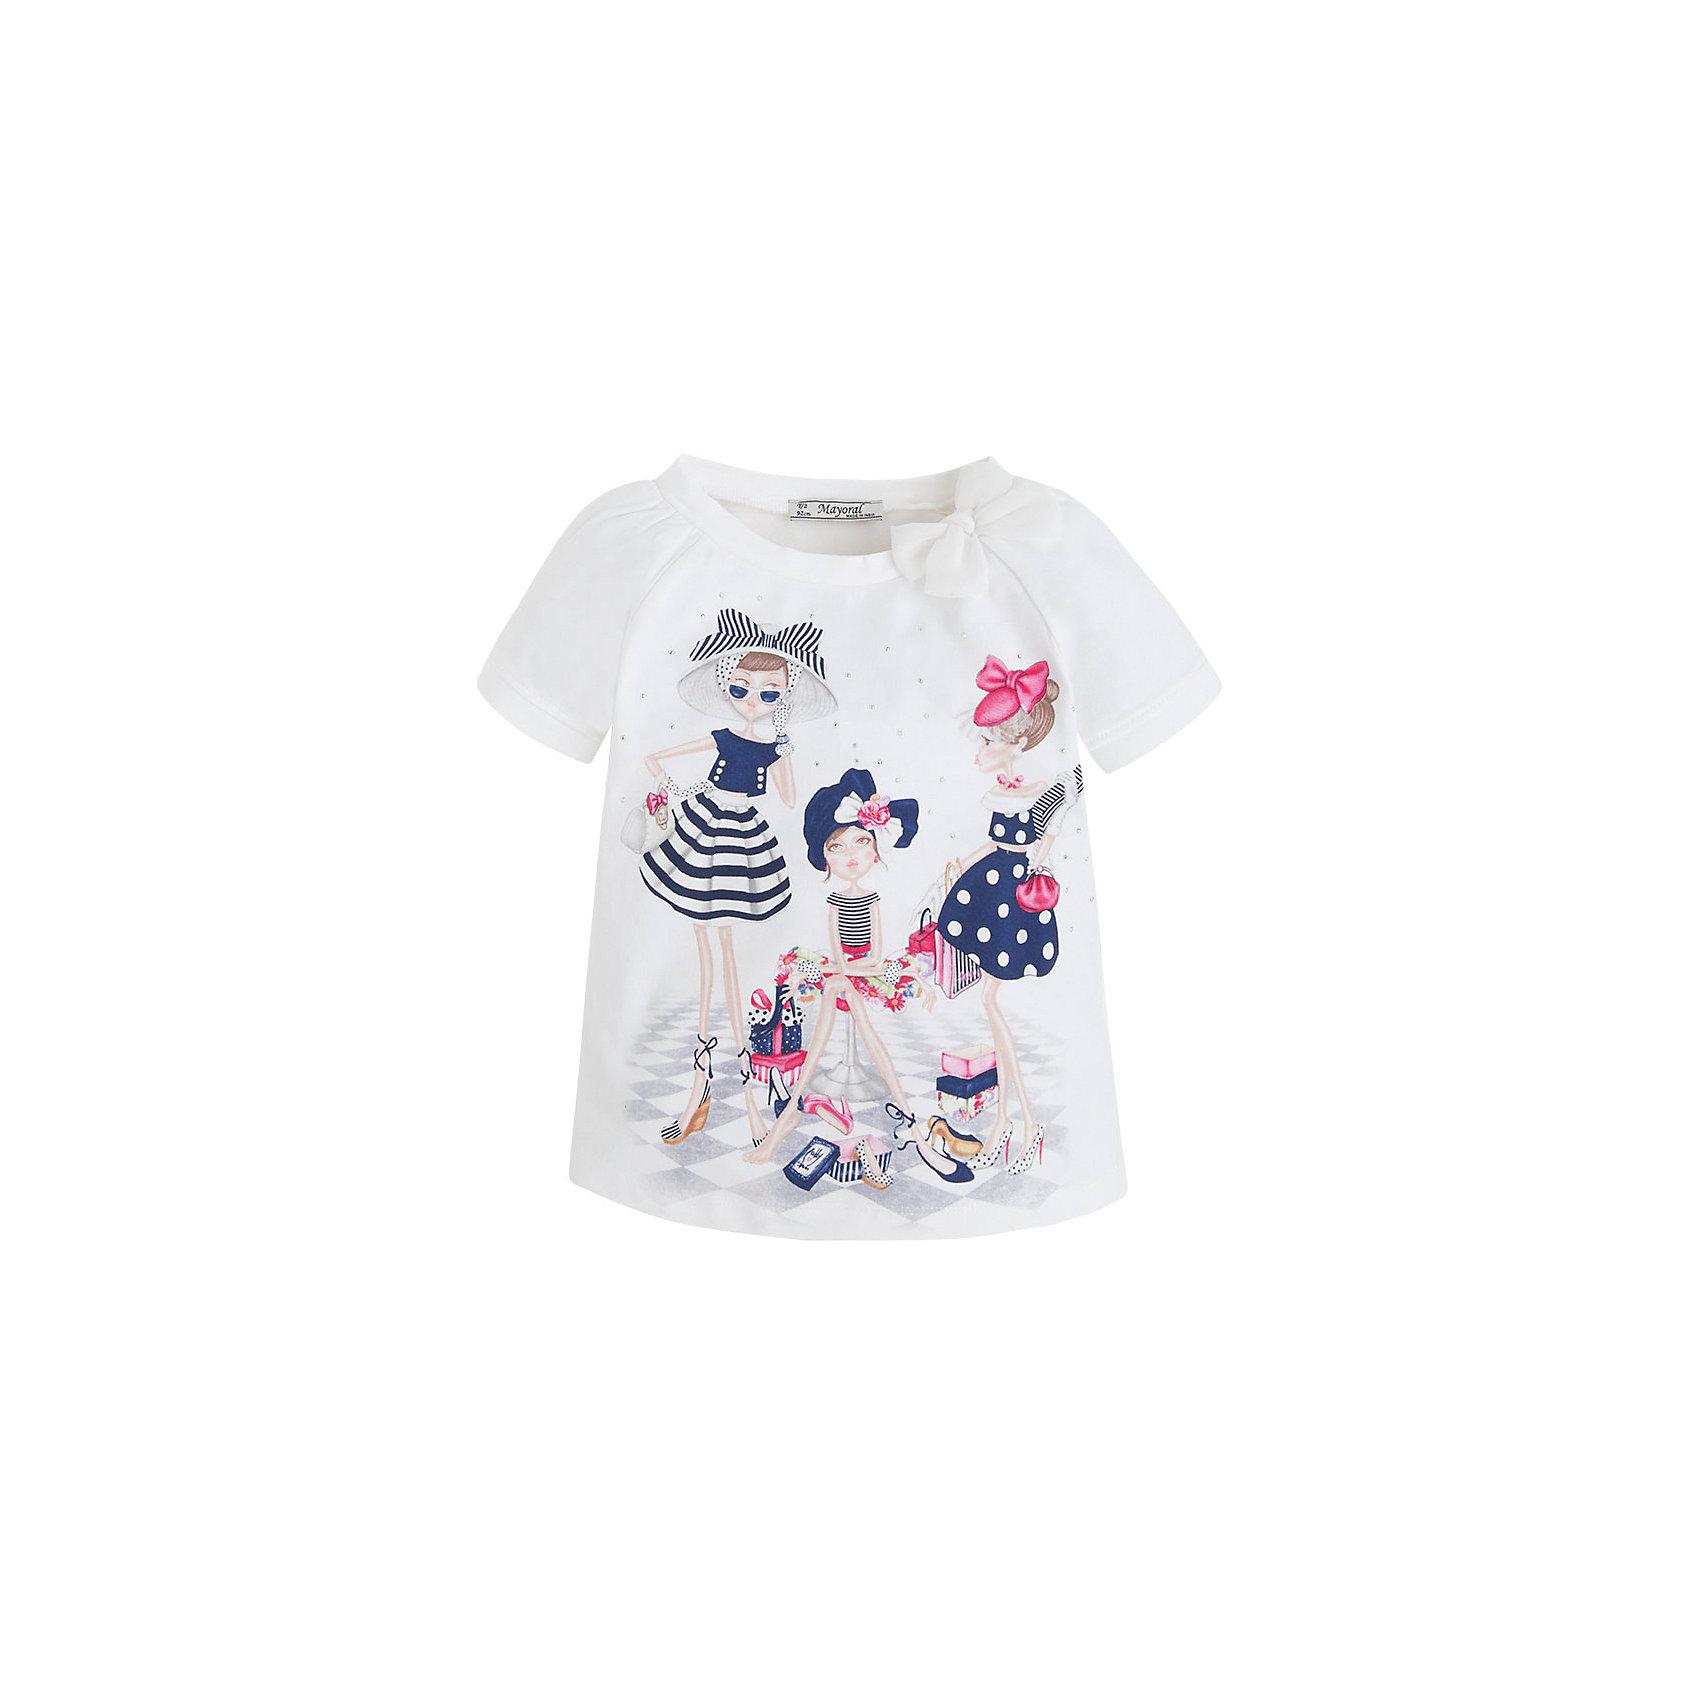 Футболка для девочки MayoralФутболка для девочки от известной испанской марки Mayoral <br><br>Очень красивая  футболка от Mayoral - отличный вариант летней одежды для девочек! Выглядит нарядно и оригинально. Модель выполнена из качественных материалов, отлично сидит по фигуре.<br><br>Особенности модели:<br><br>- цвет: белый;<br>- рукава короткие, реглан, со сборками;<br>- украшена принтом и стразами;<br>- эластичный материал.<br><br>Дополнительная информация:<br><br>Состав: 92% хлопок, 8% эластан<br><br>Футболку для девочки Mayoral (Майорал) можно купить в нашем магазине.<br><br>Ширина мм: 199<br>Глубина мм: 10<br>Высота мм: 161<br>Вес г: 151<br>Цвет: синий<br>Возраст от месяцев: 36<br>Возраст до месяцев: 48<br>Пол: Женский<br>Возраст: Детский<br>Размер: 104,110,92,98,116,134,128,122<br>SKU: 4541501